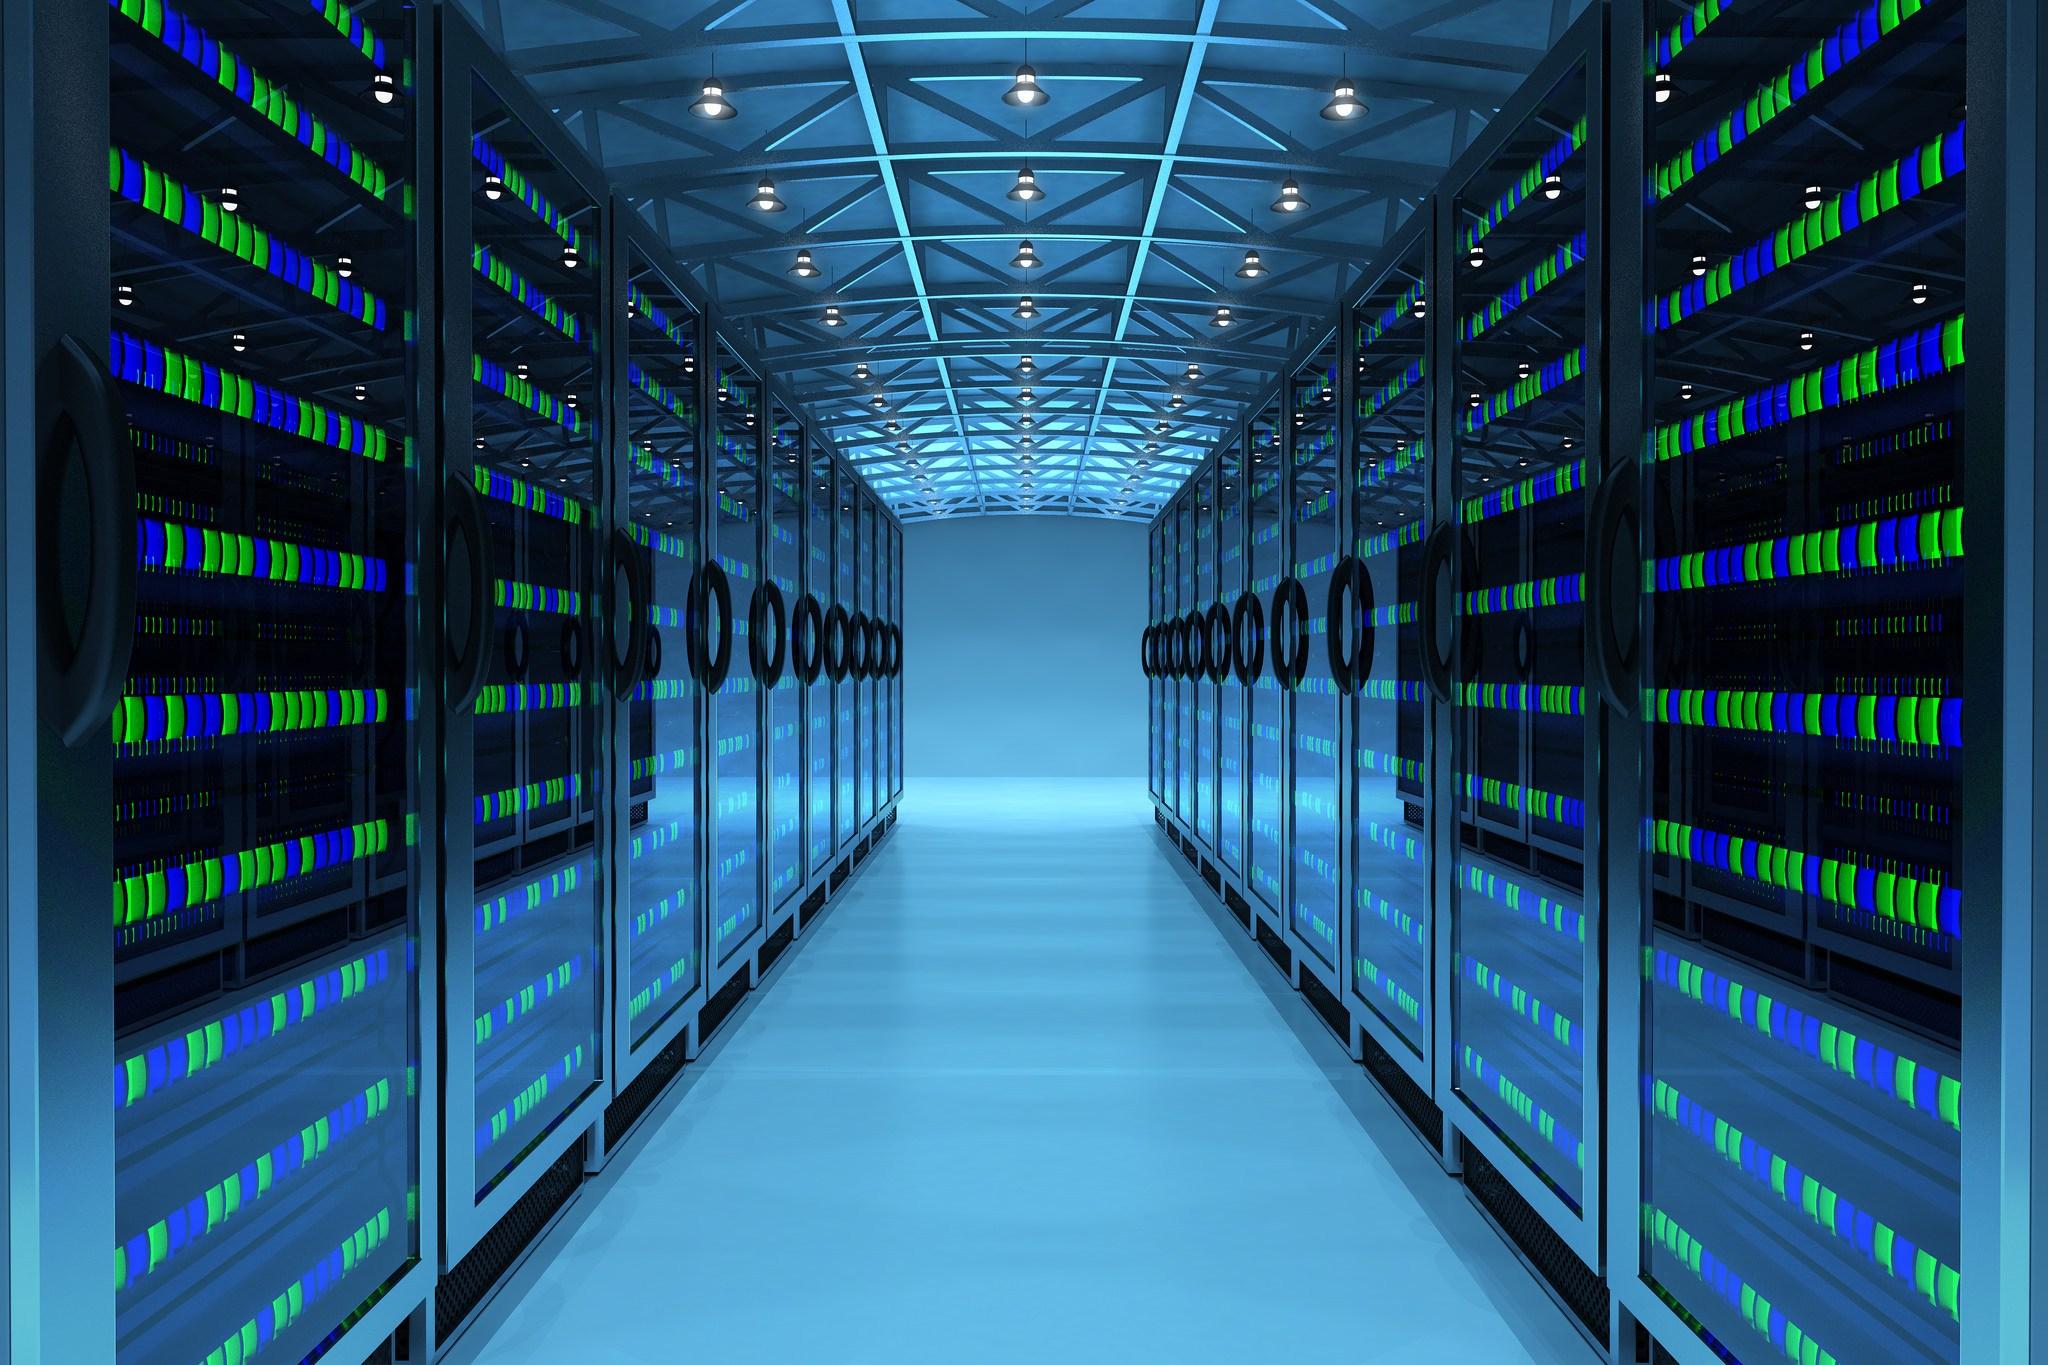 主流供应商的全球企业外部OEM存储系统第四季度销售总额下降了0.1%